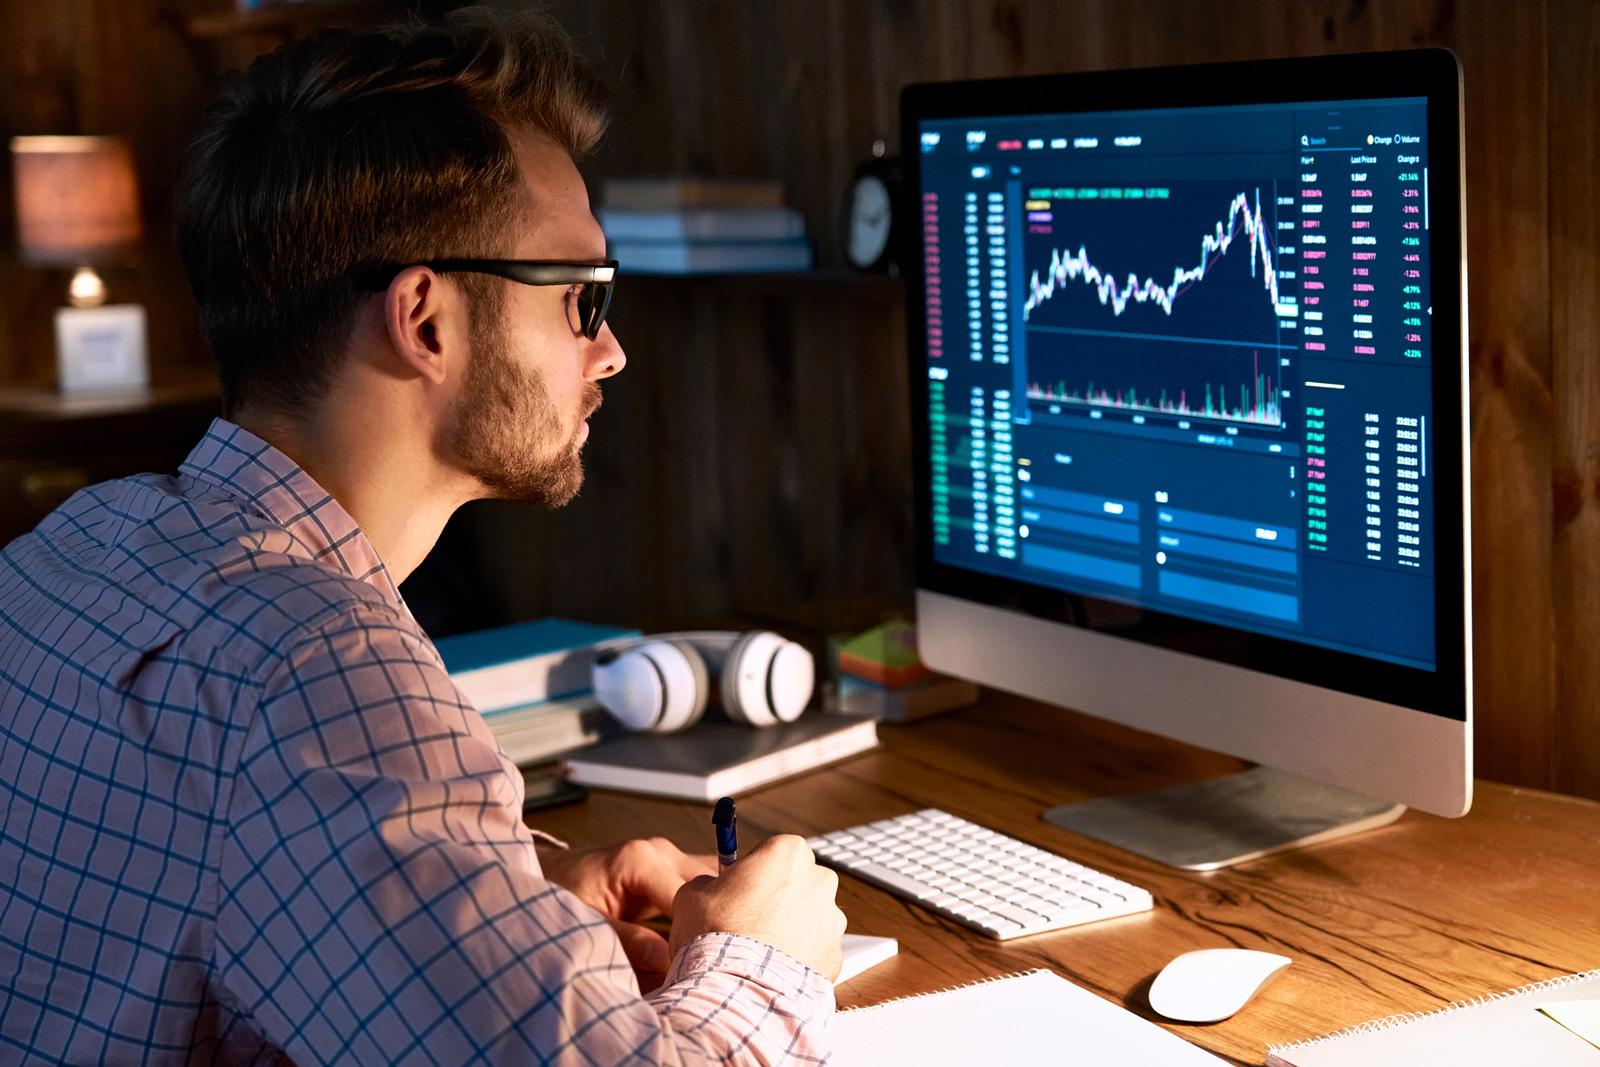 Wertpapierhandel kann zu einer zeitaufwändigen Leidenschaft werden.